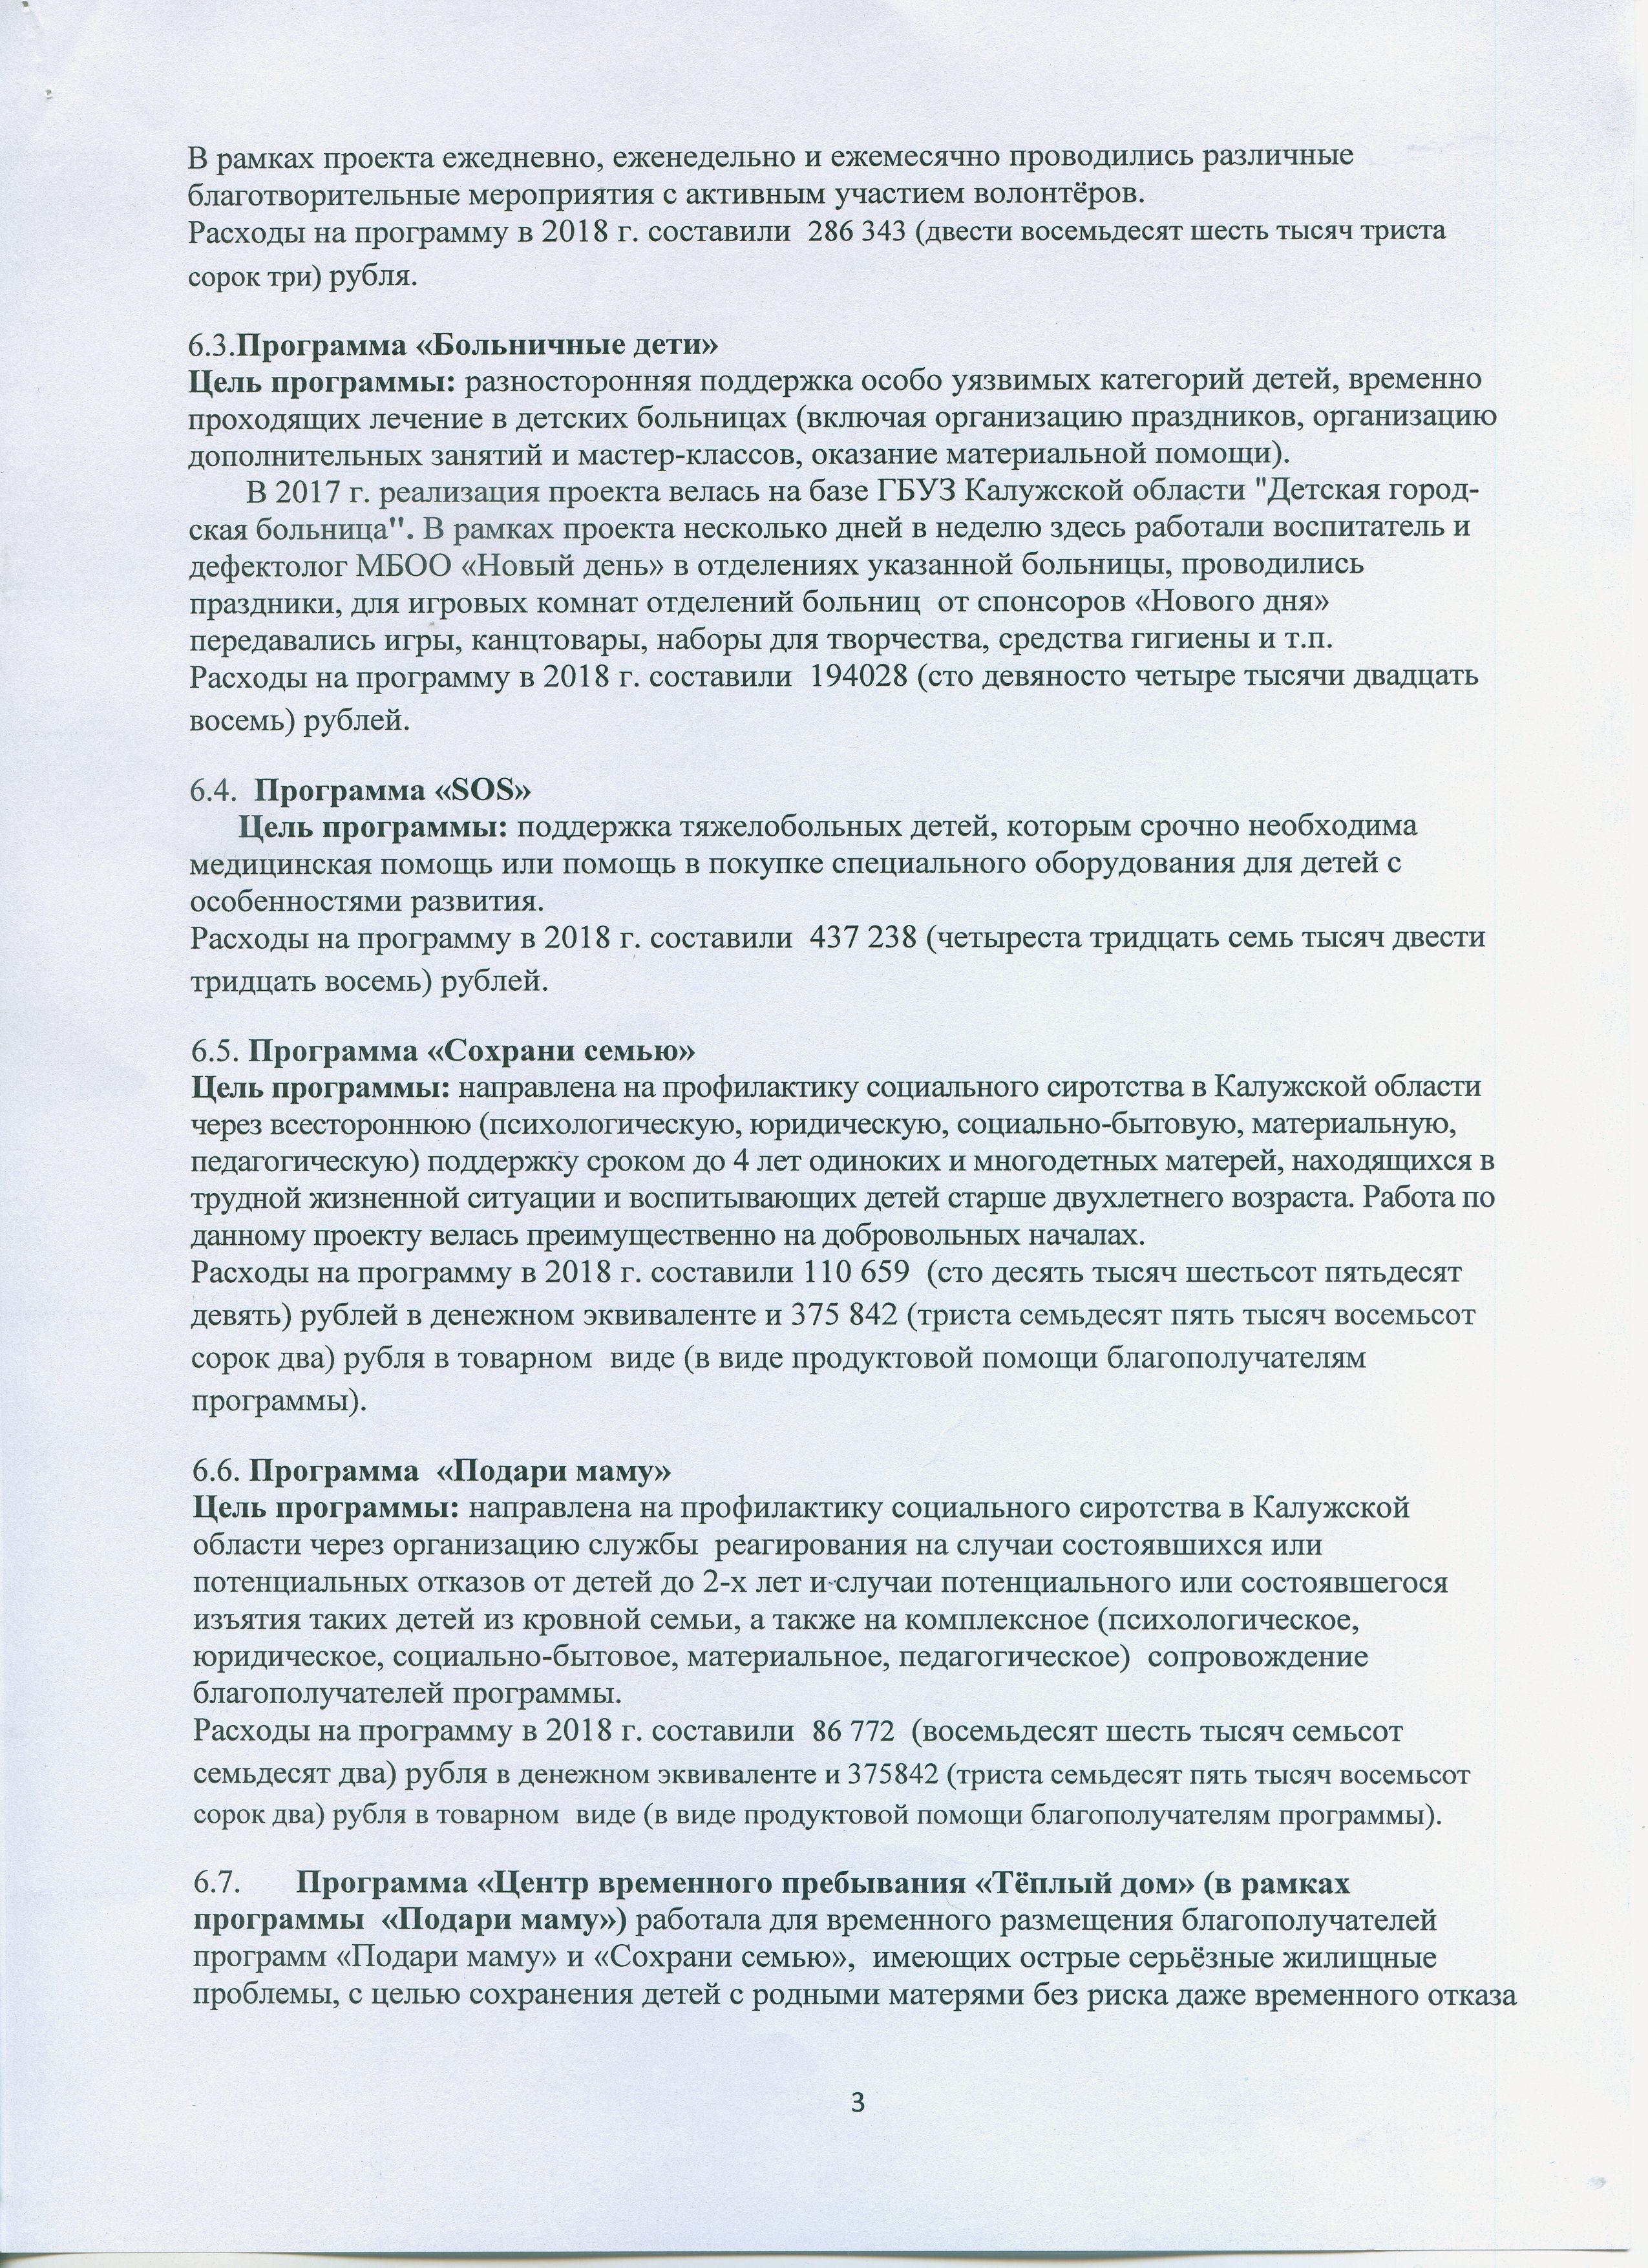 Отчёт в Минюст 3